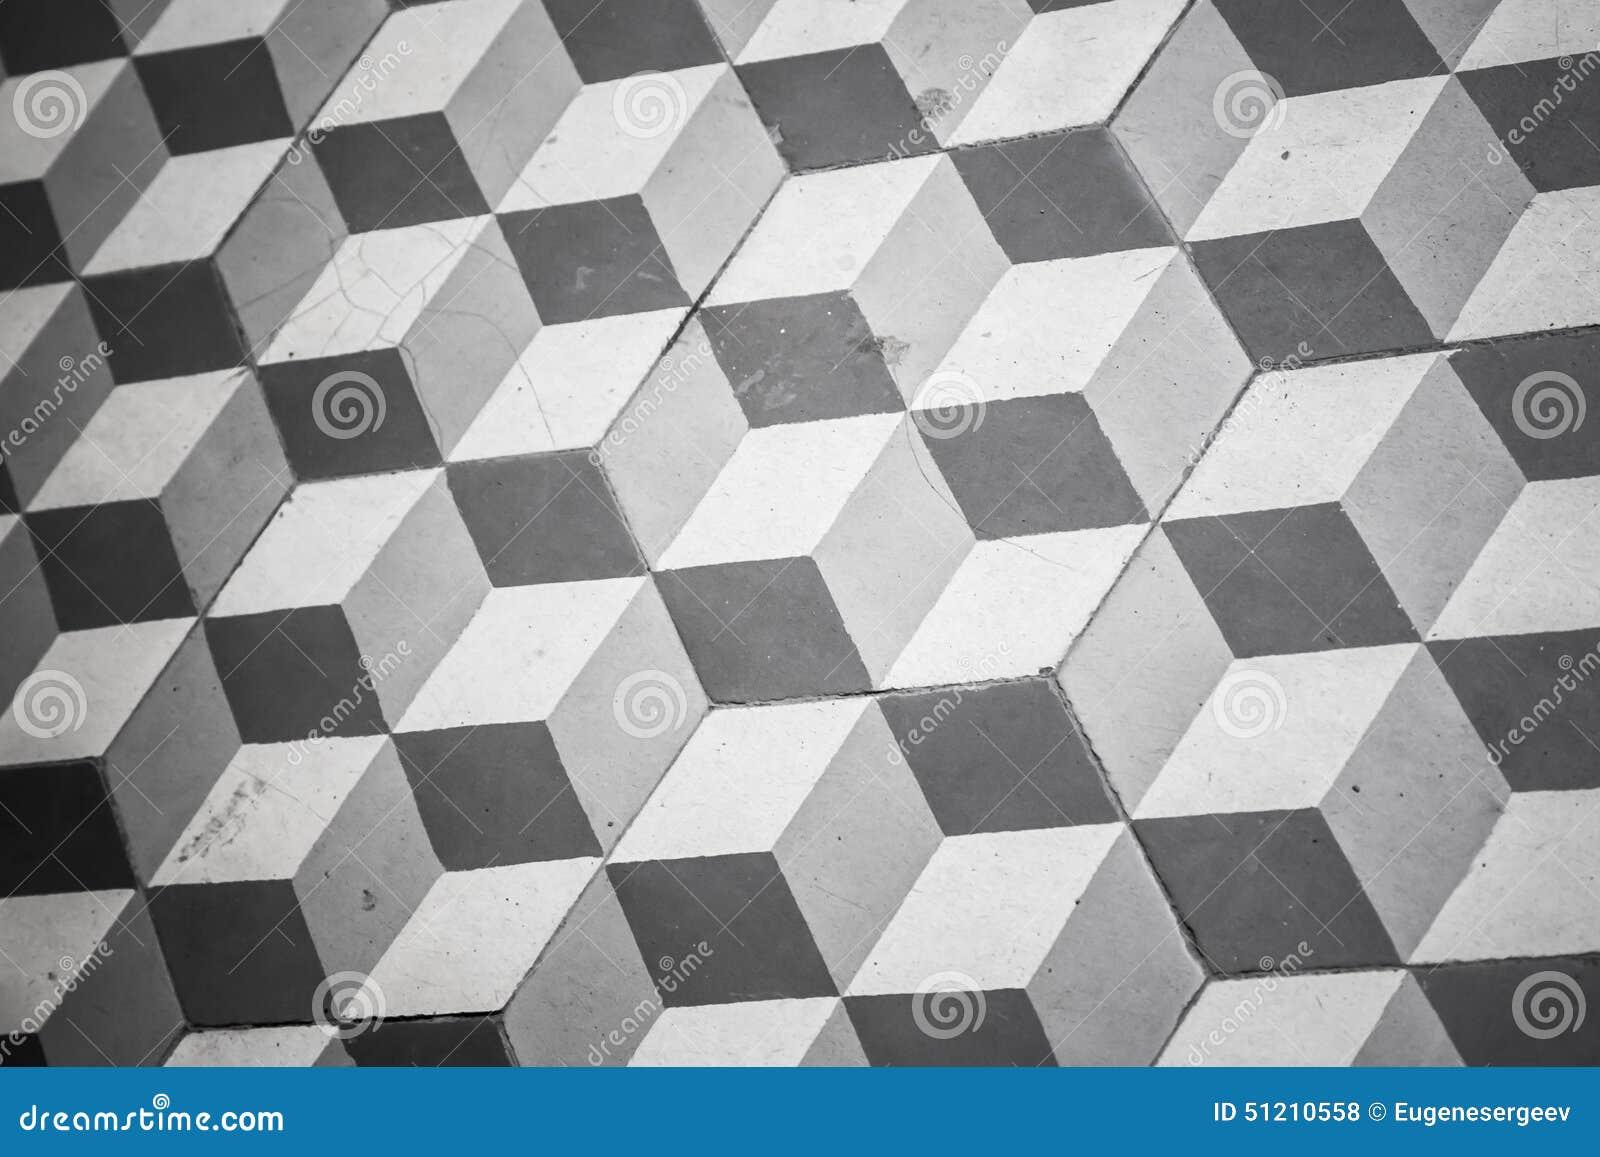 Alter schwarzweiss tiling auf boden, kubikmuster stockfoto   bild ...